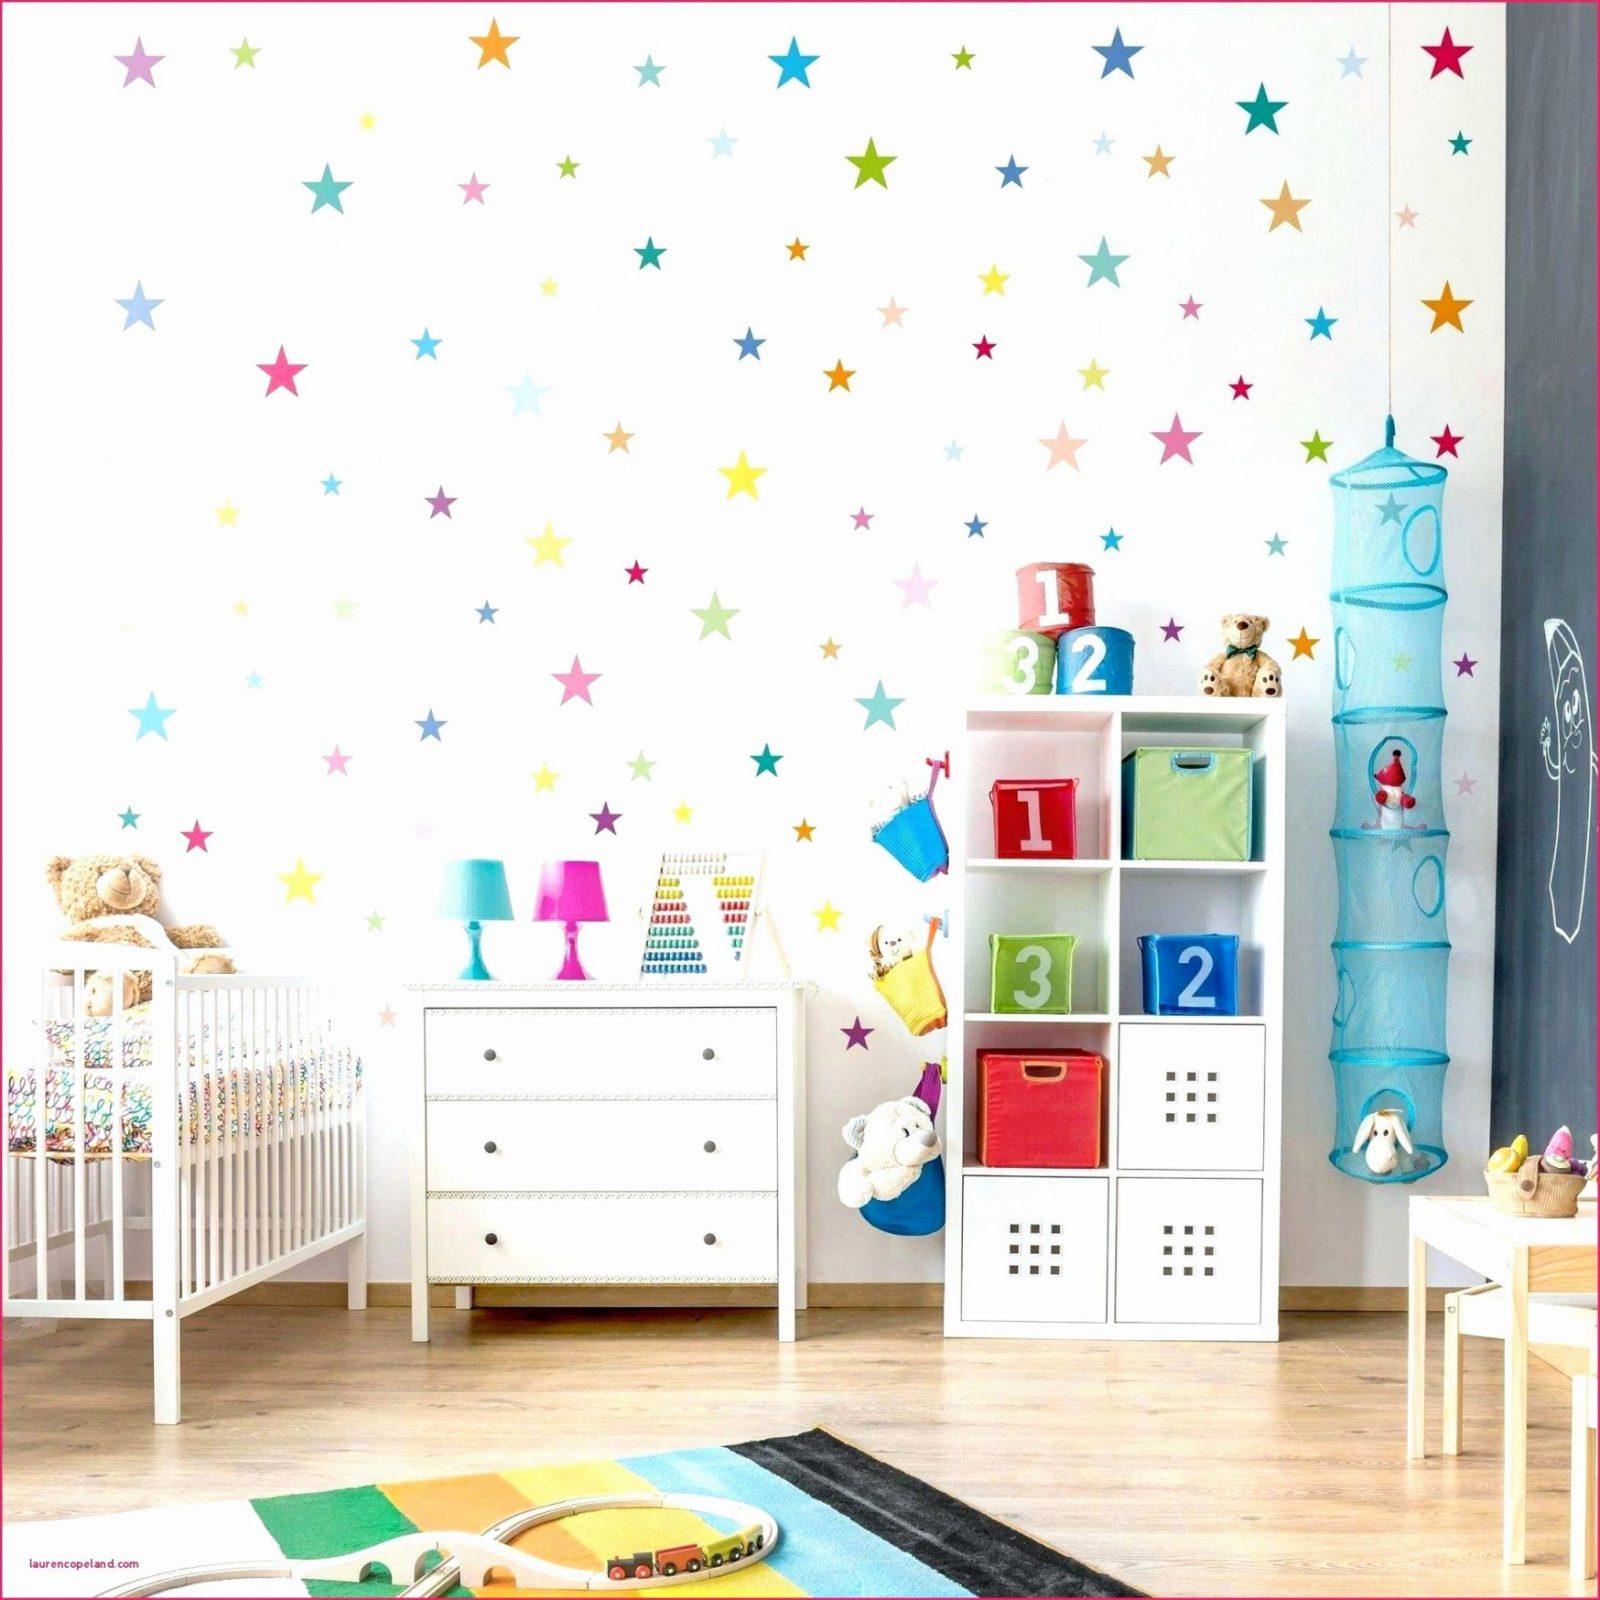 55 Das Beste Von Wandbilder Kinderzimmer Vorlagen  Hausplaner von Vorlagen Wandbilder Für Kinderzimmer Bild